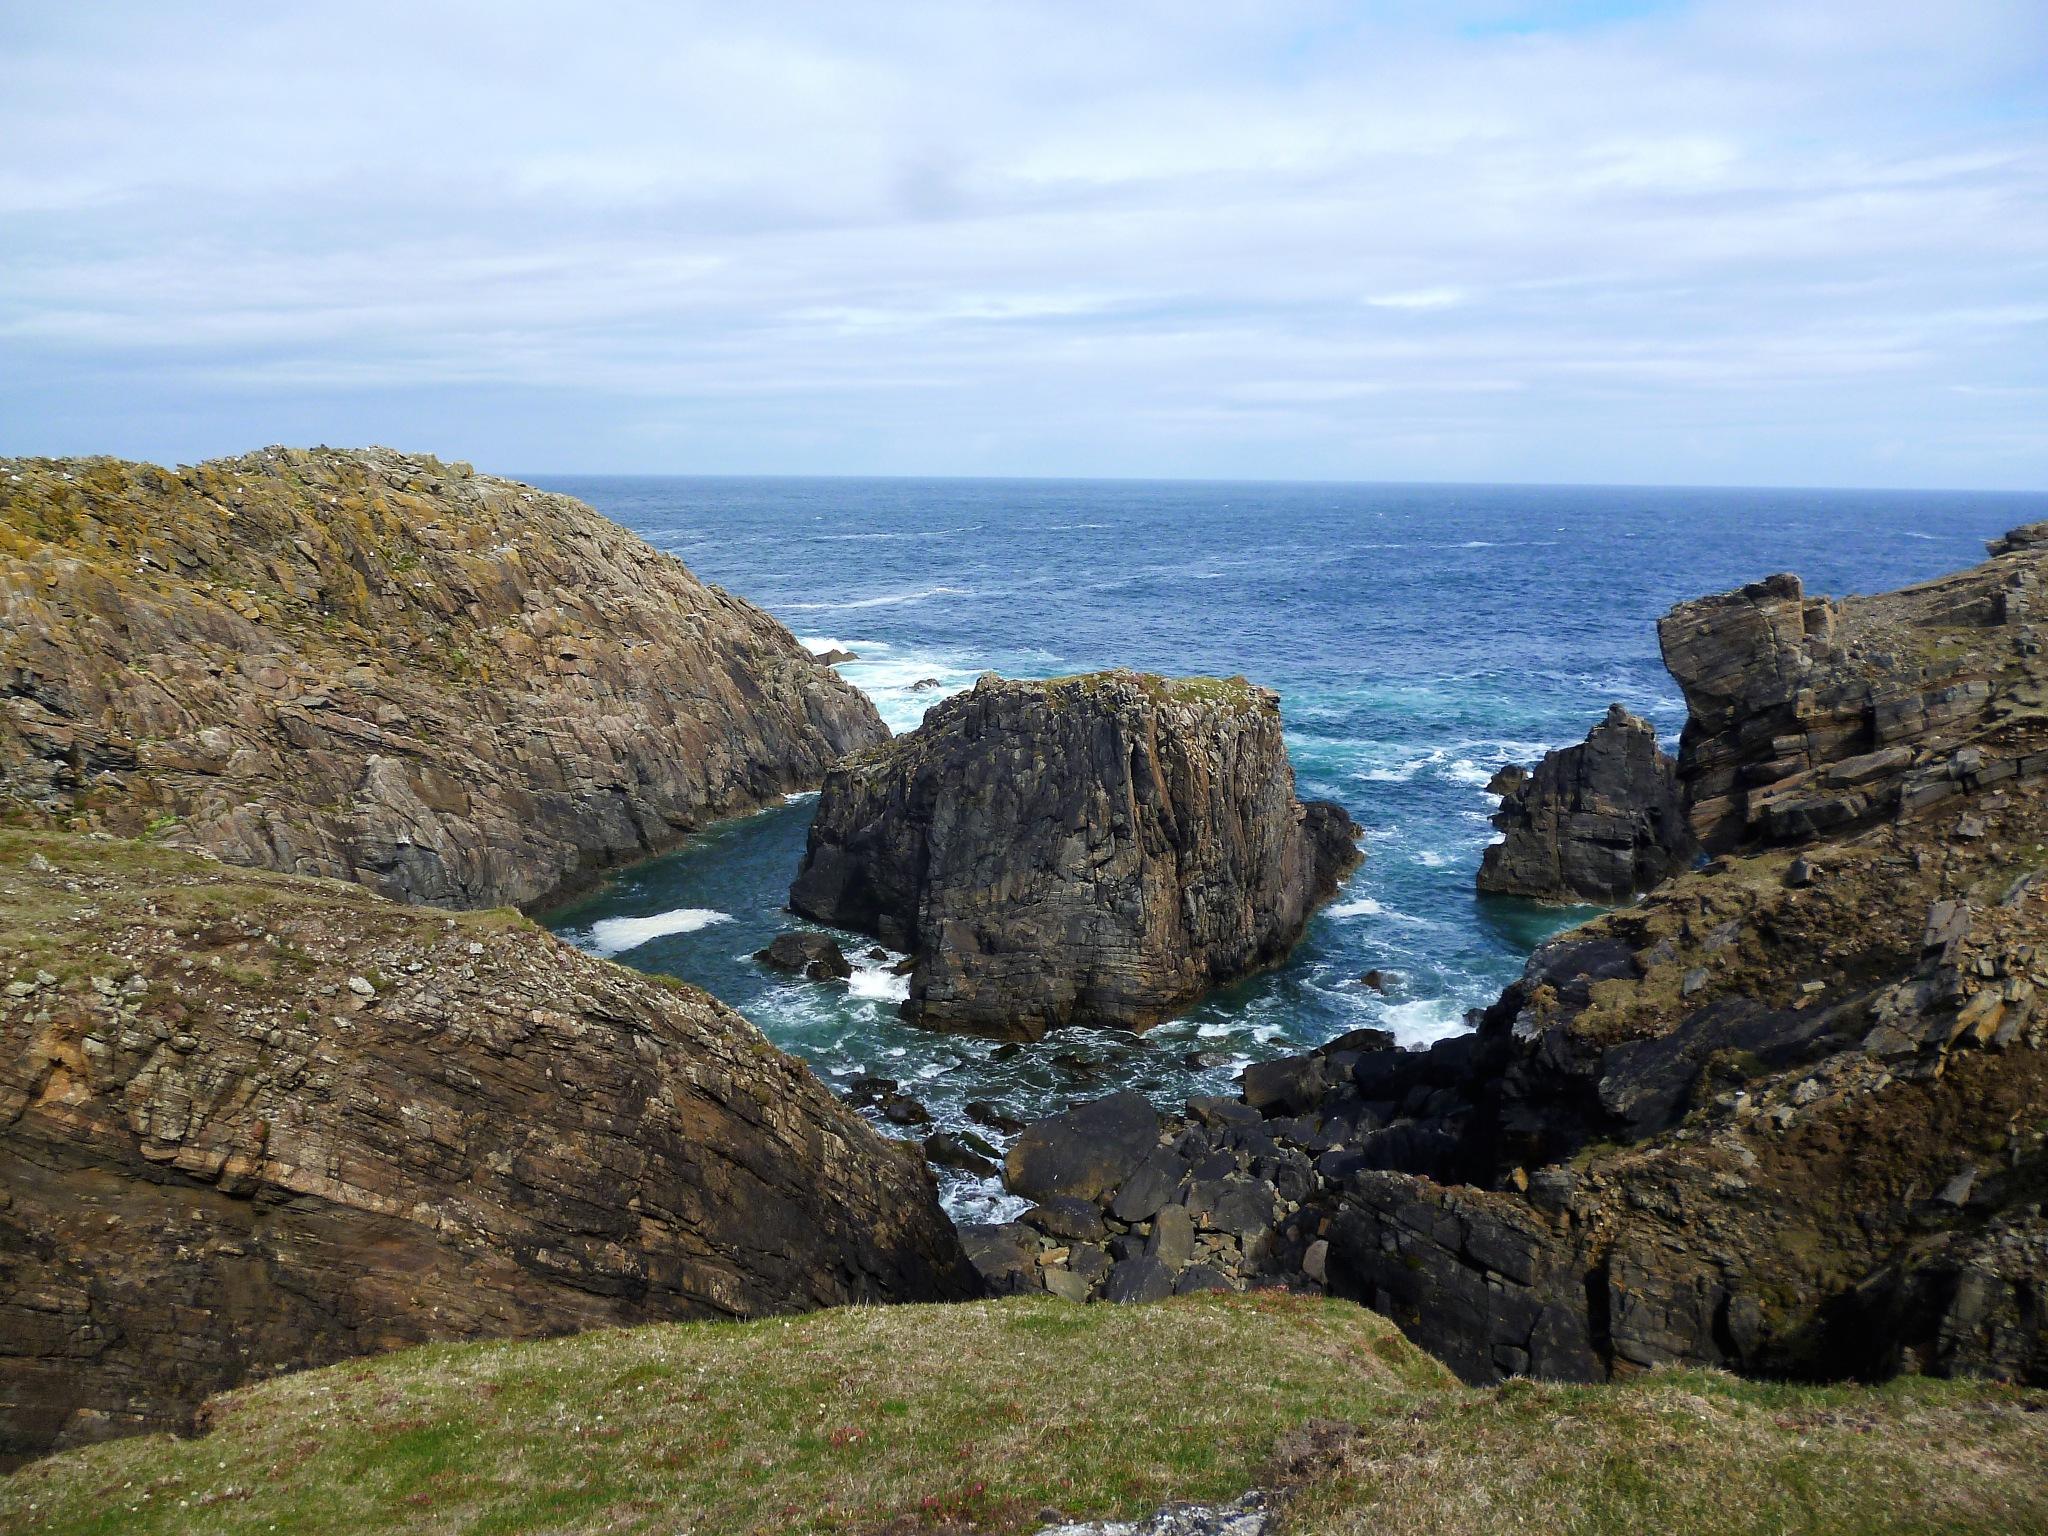 Scottish cliffs by Kate Paris